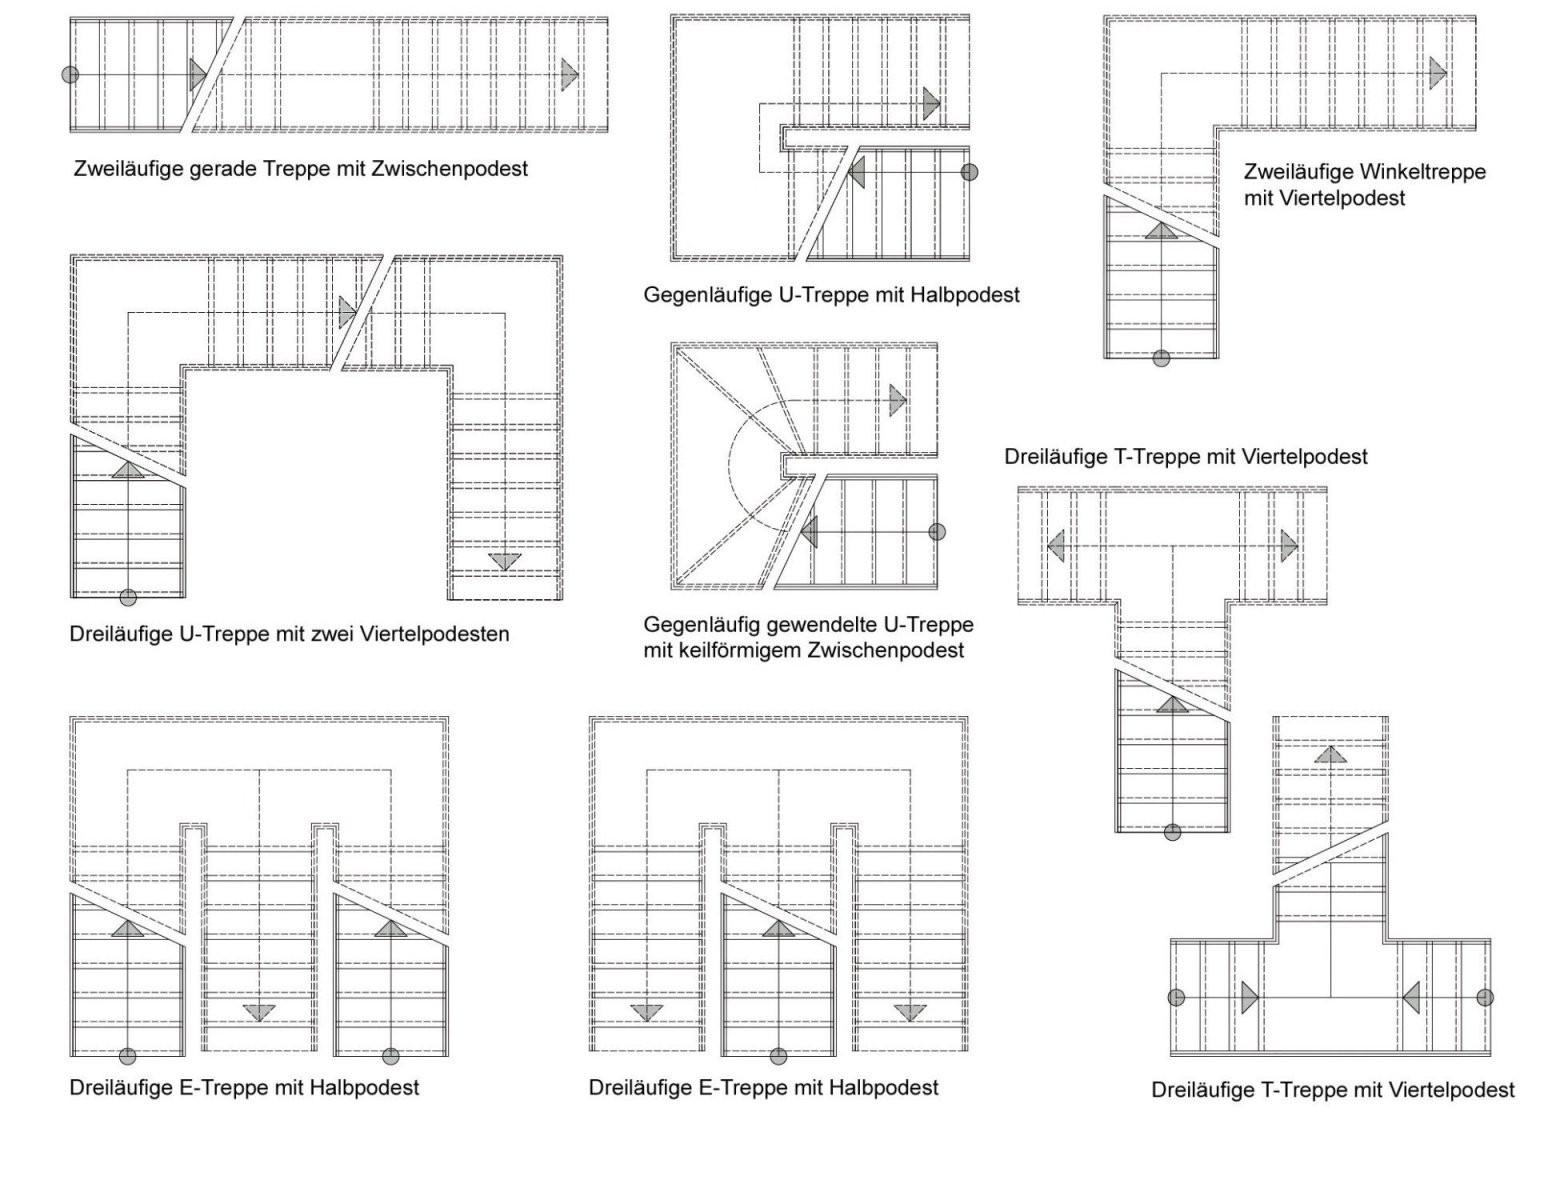 Mehrläufige Treppen  Treppen  Treppenformen  Baunetzwissen von Treppe Mit Podest Berechnen Photo